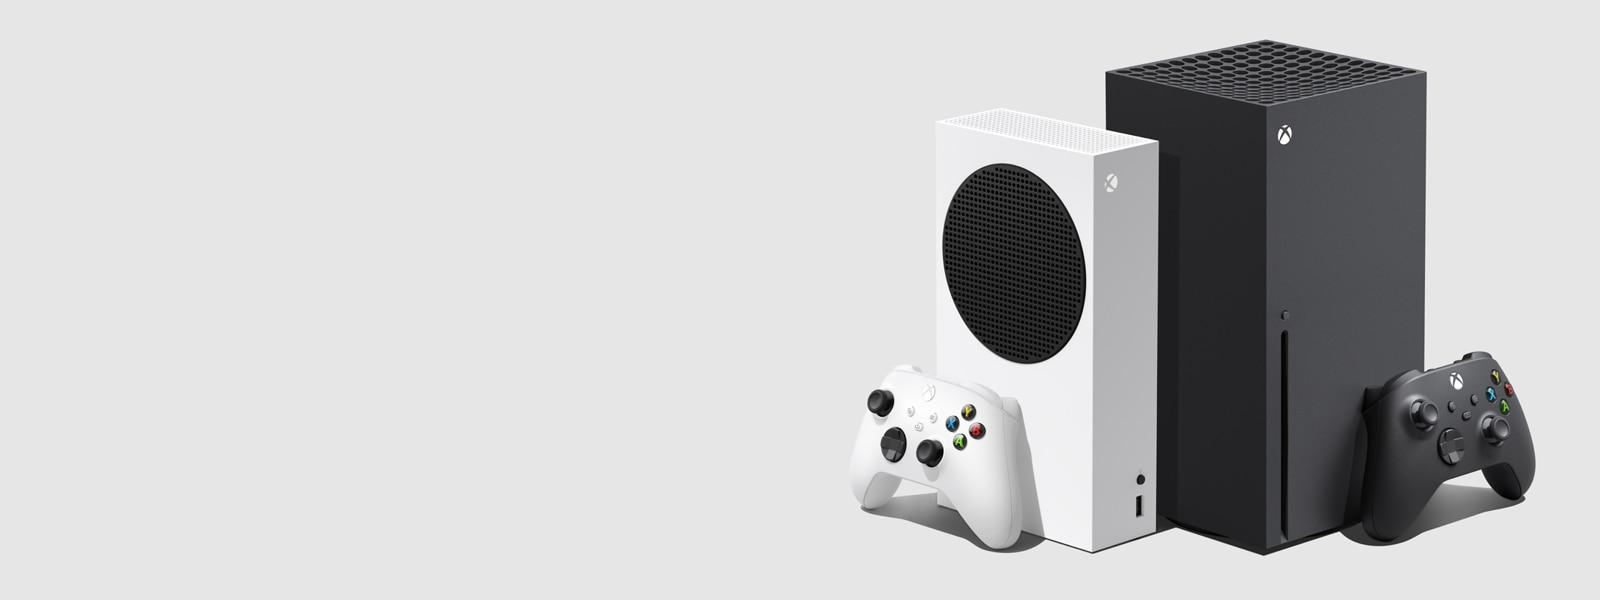 Trådlösa Xbox-handkontroller